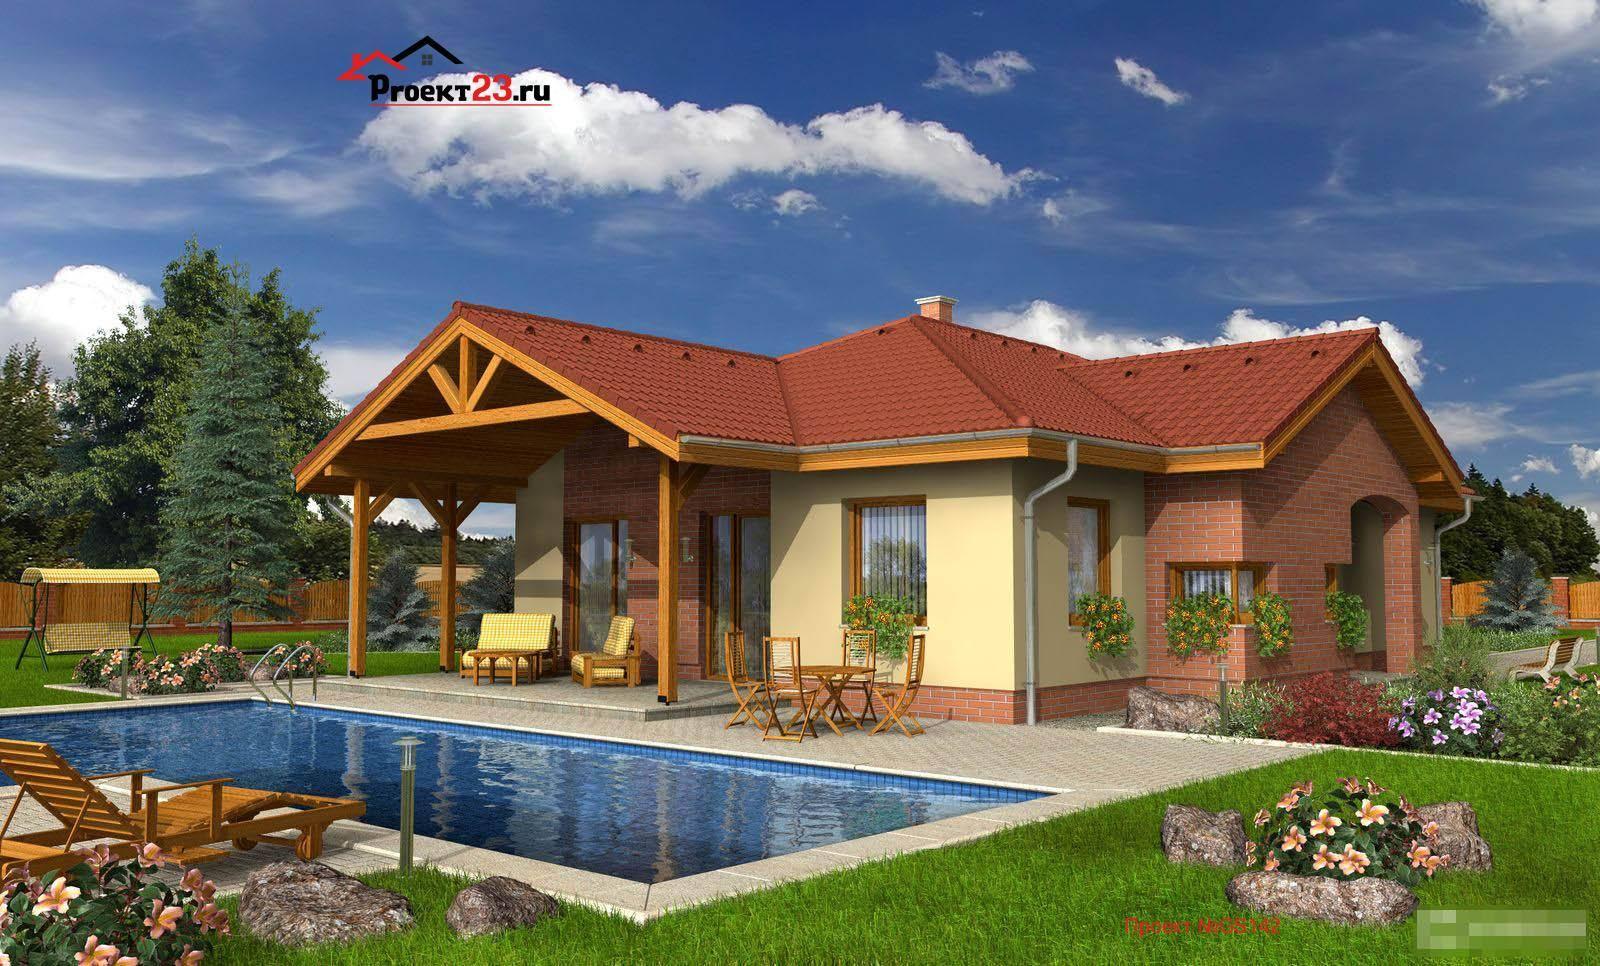 Одноэтажные дома — красивые проекты, варианты дизайна и особенности постройки одноэтажных домов (90 фото)